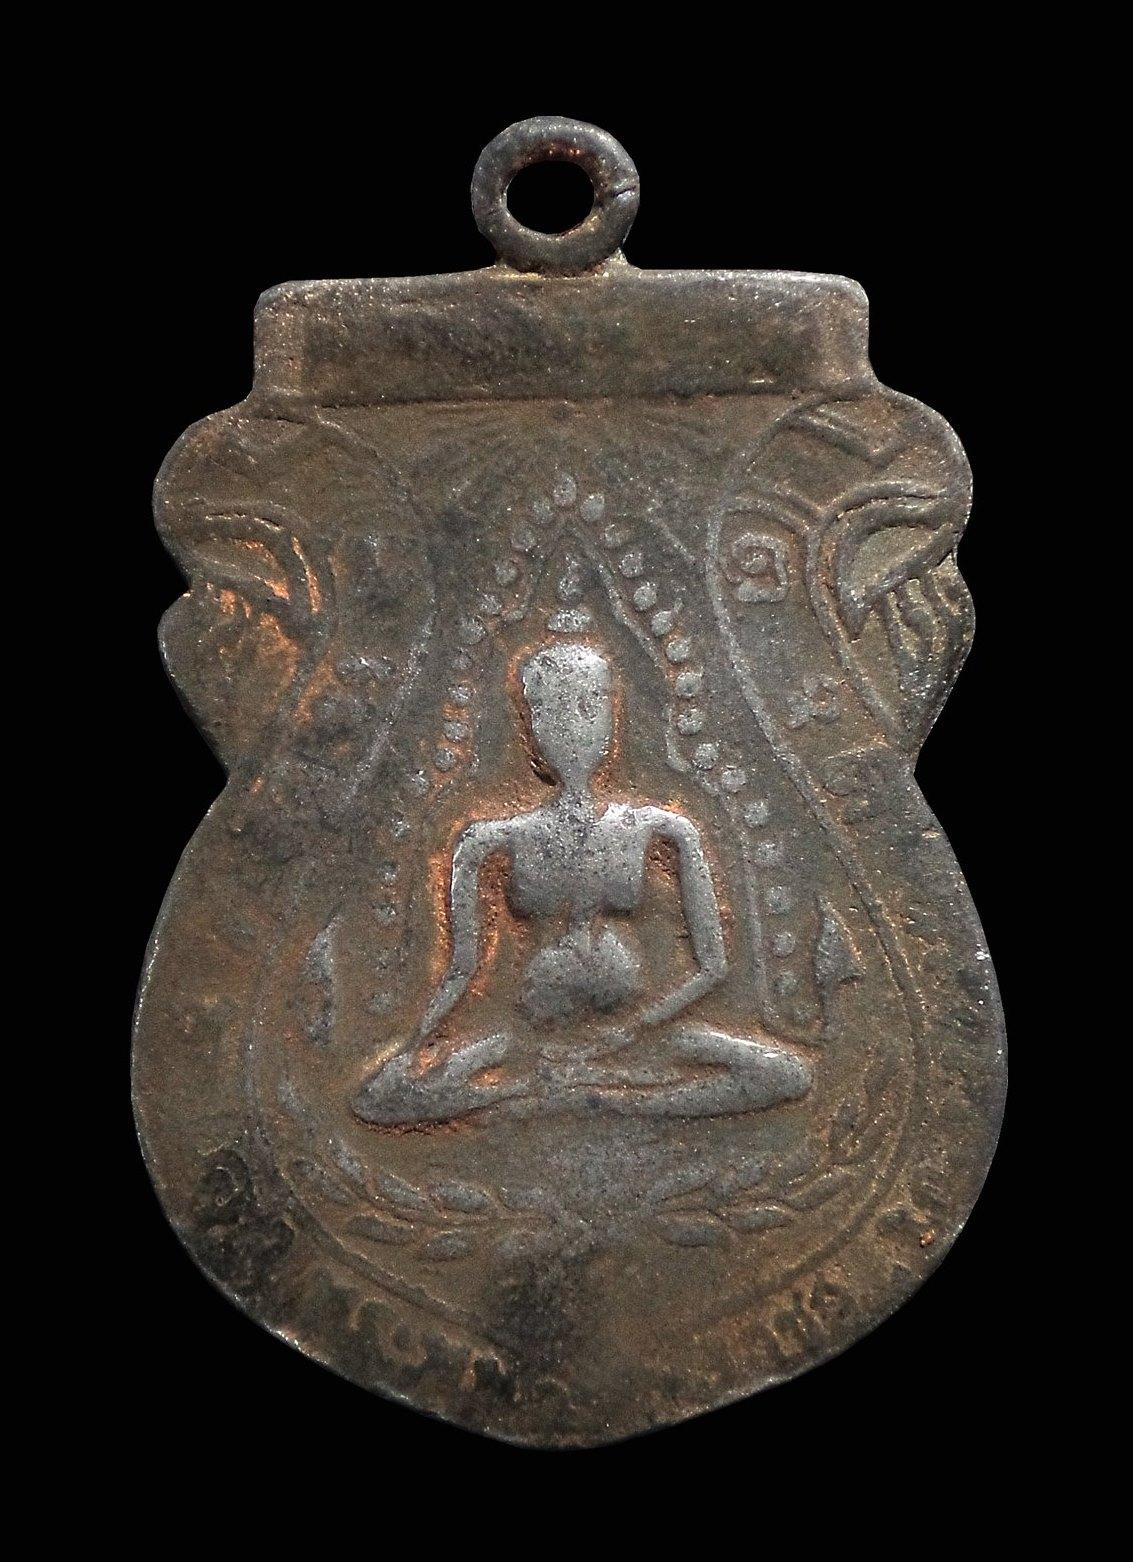 เหรียญพระพุทธชินราช หลวงปู่ศุข วัดปากคลองมะขามเฒ่า จ.ชัยนาท